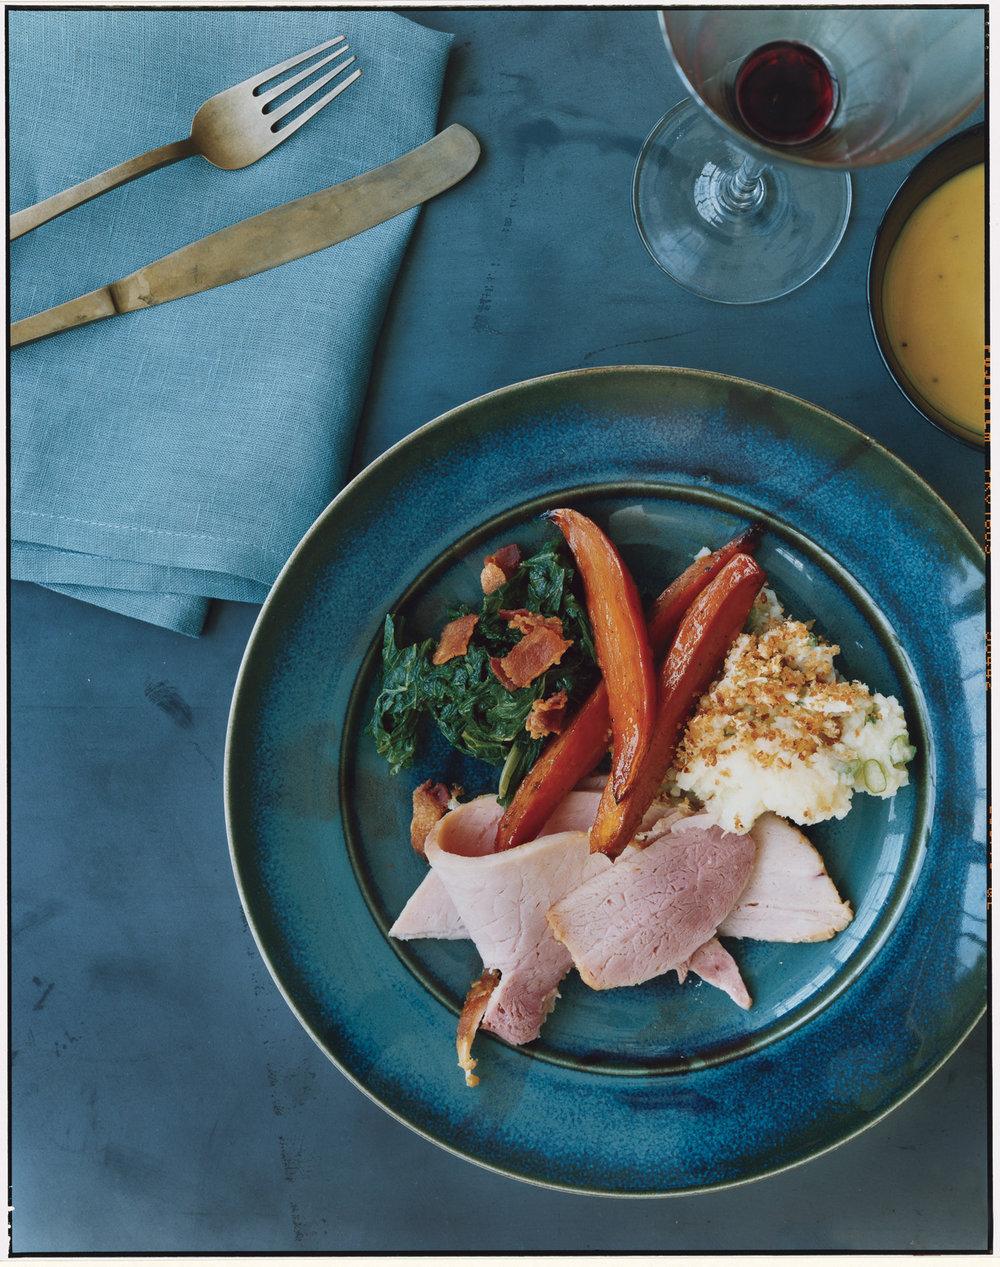 RG-007_0481-Gourmet.jpg